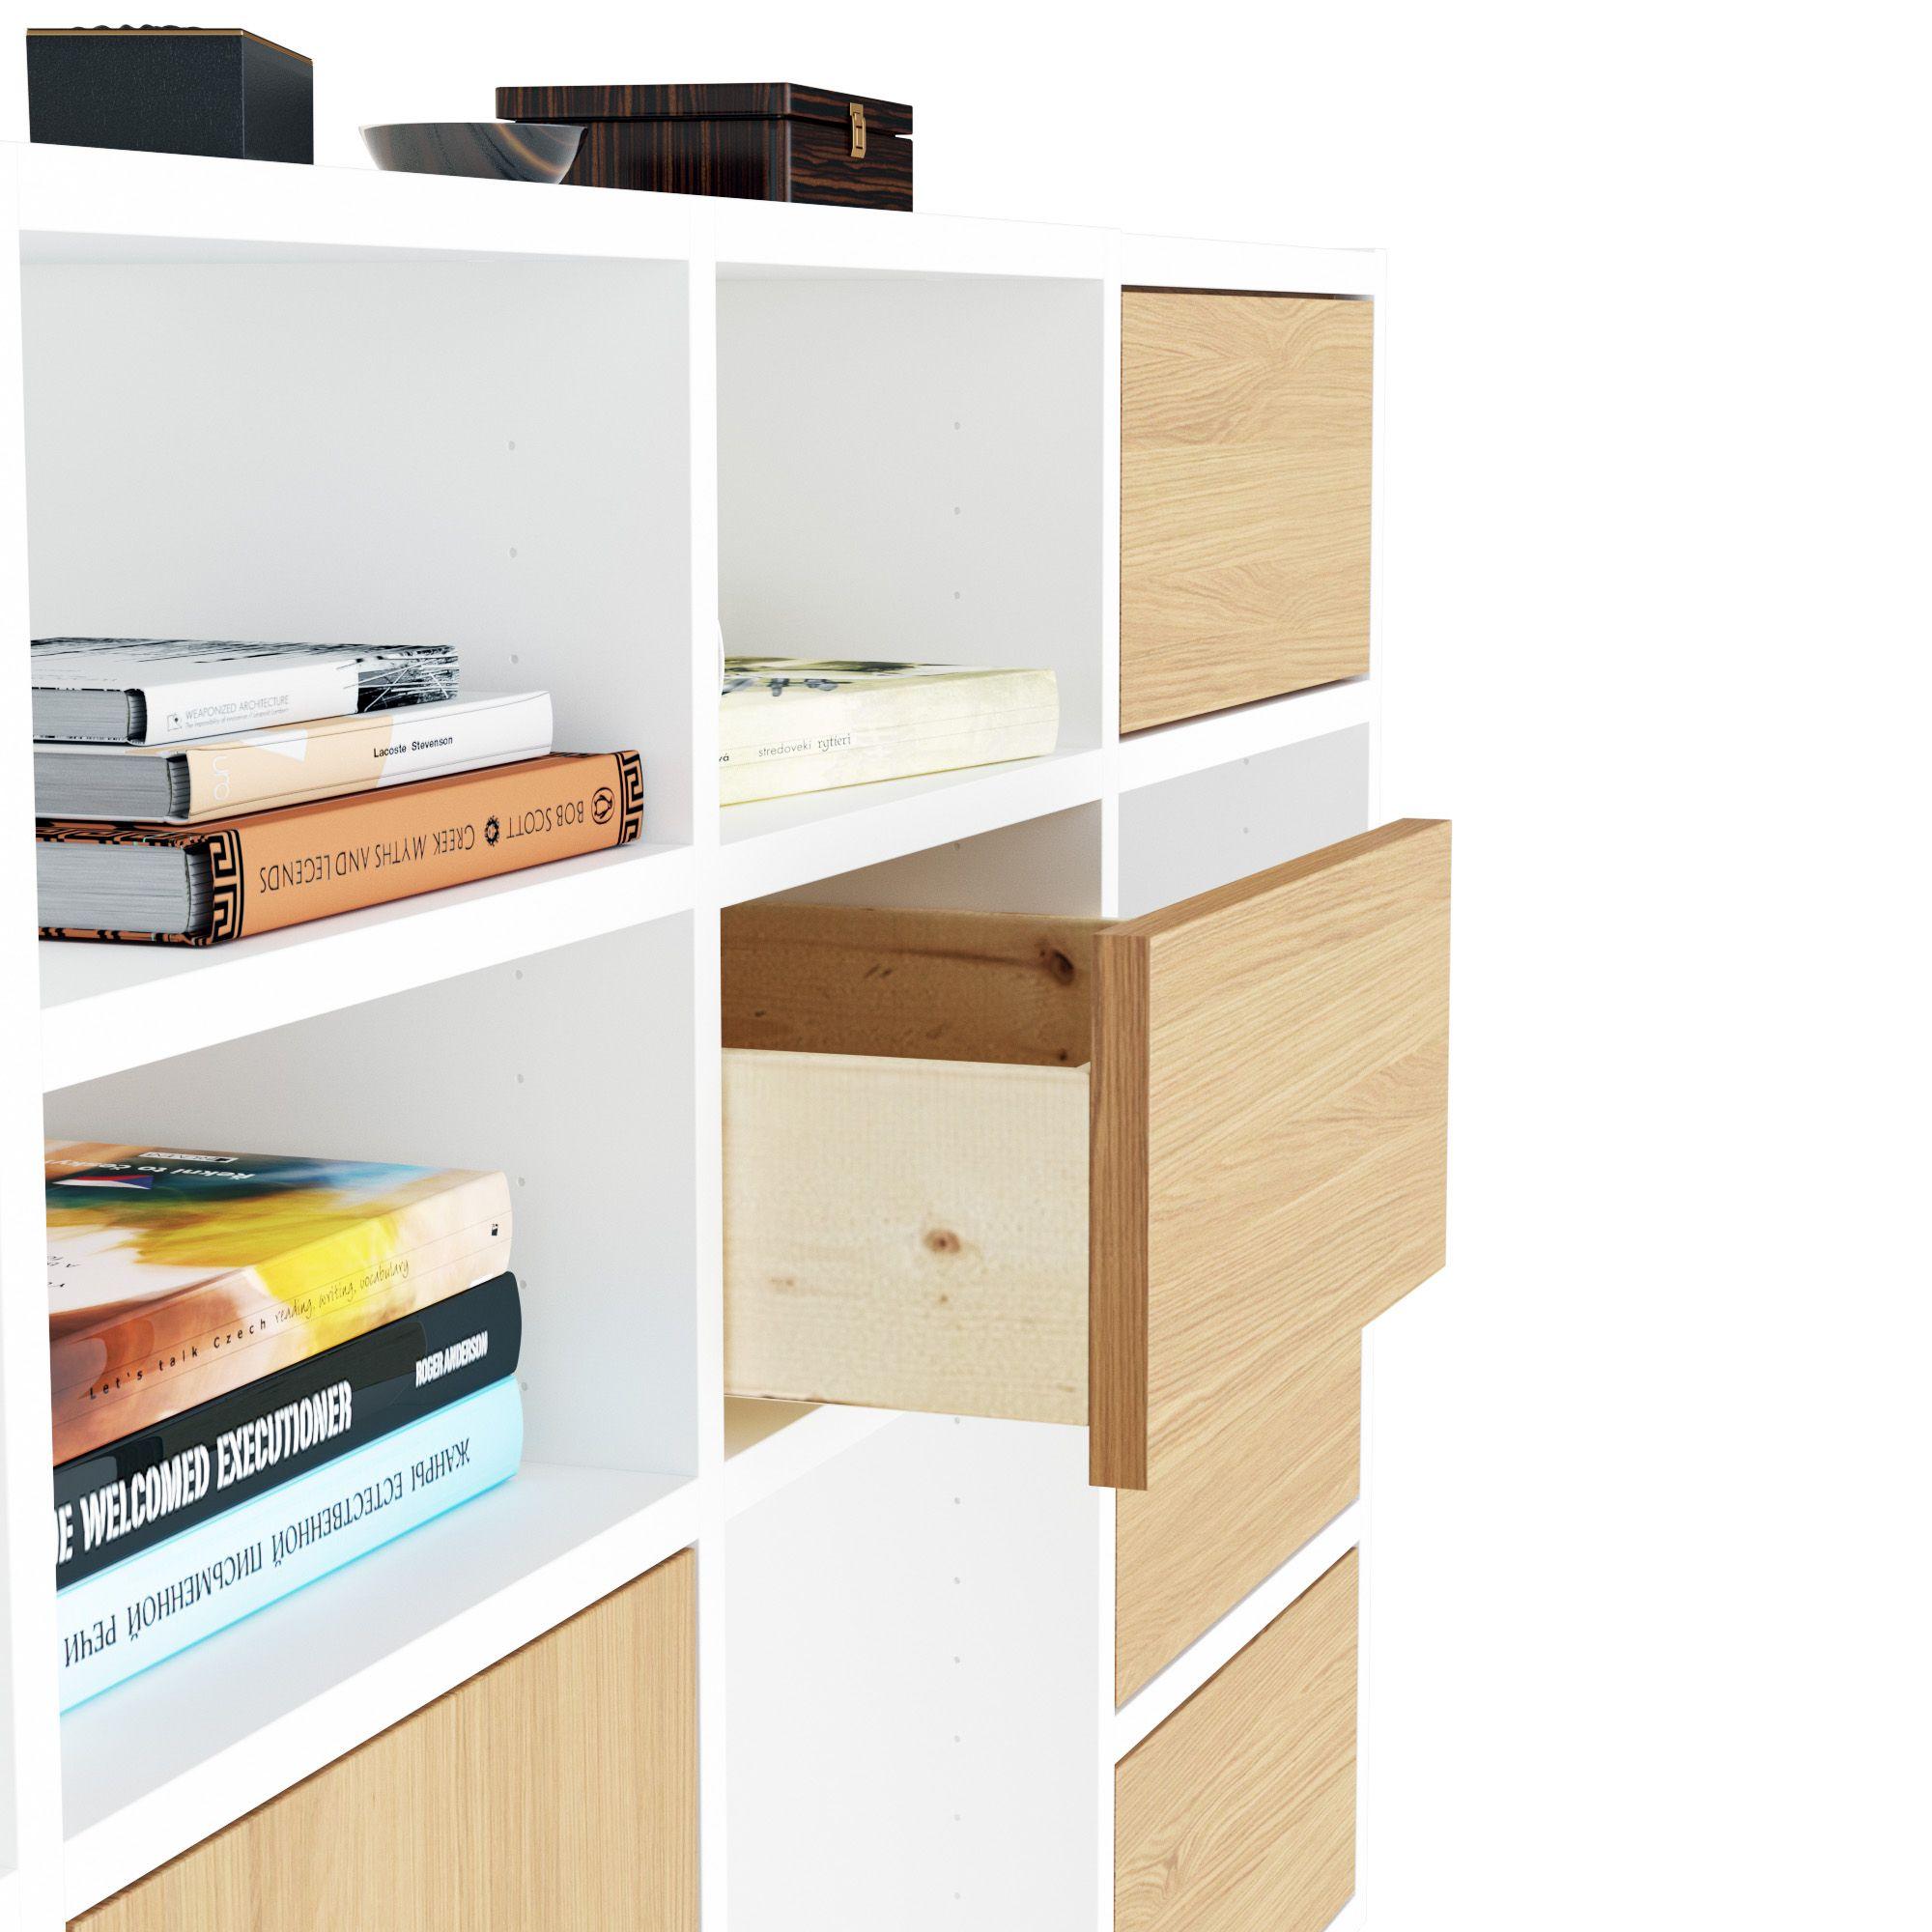 f r kommode im schlafzimmer mycs einrichtung m bel schlafzimmer m bel und kommode. Black Bedroom Furniture Sets. Home Design Ideas